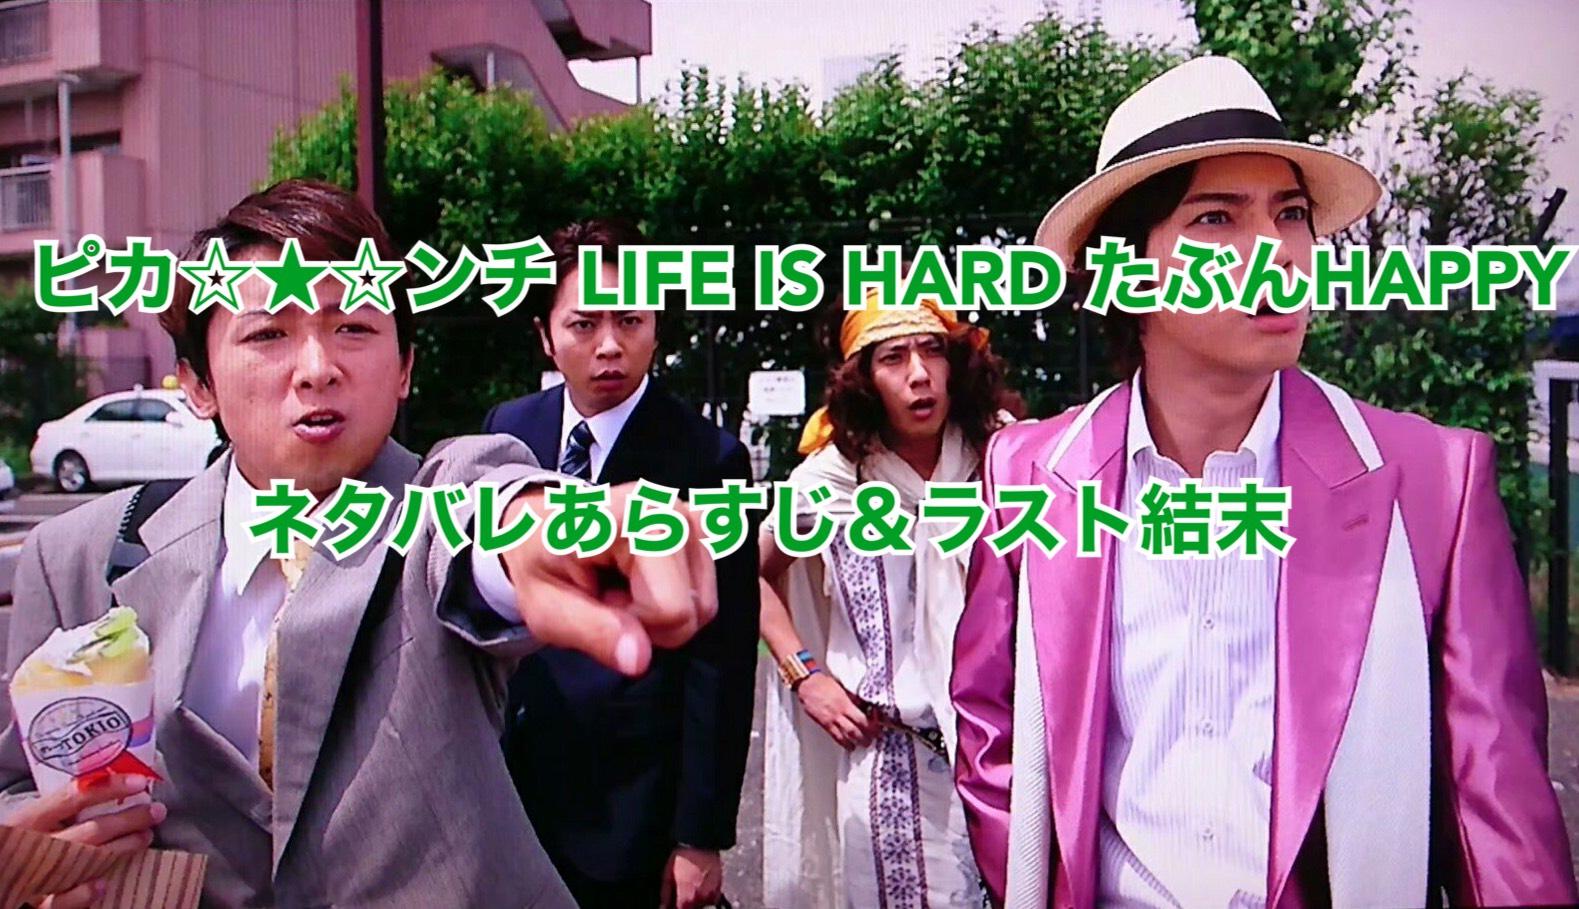 映画「ピカンチ2.5(ピカンチハーフ) LIFE IS HARD たぶん HAPPY(2014)」のネタバレあらすじと結末は?感想や口コミ(面白い ・つまらない)もあわせて紹介!